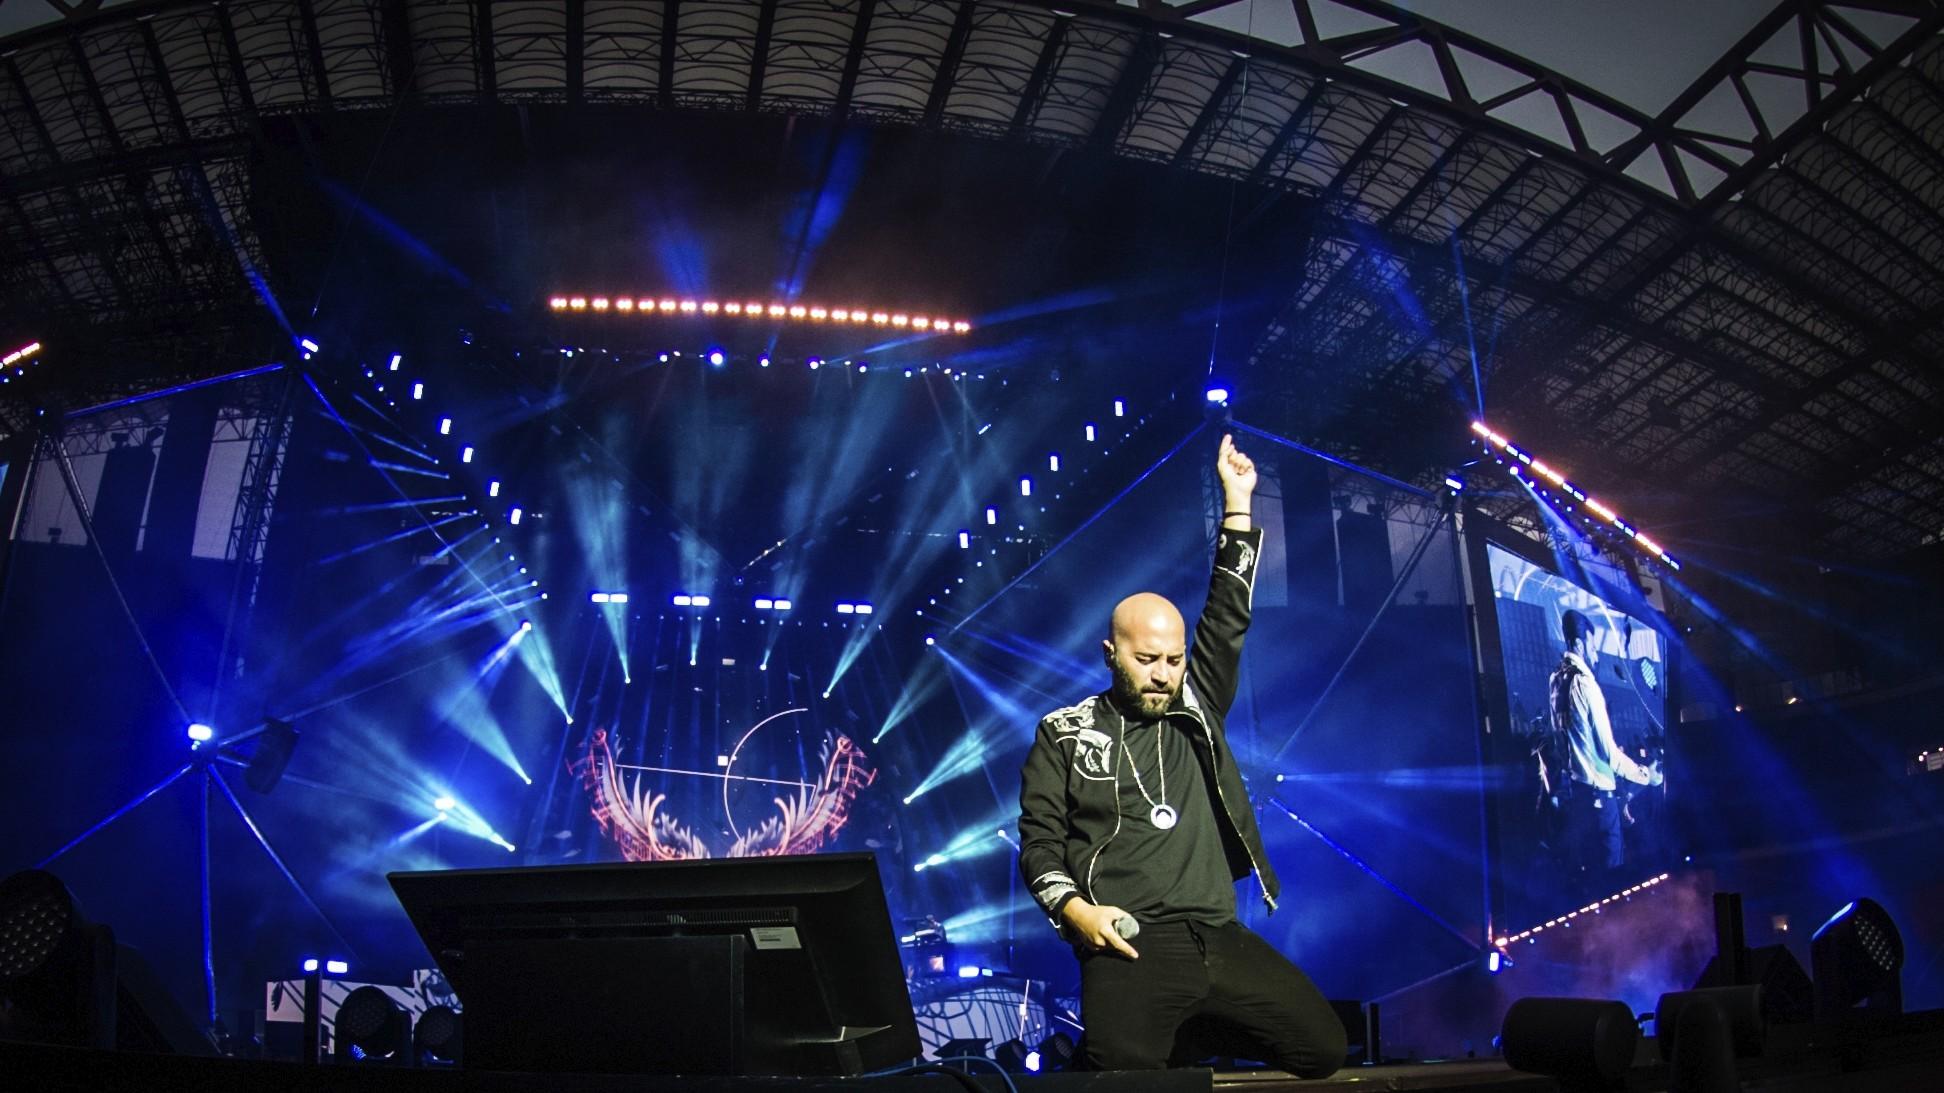 """Musica, Negramaro a San Siro post crisi: """"Siamo ancora indie"""""""